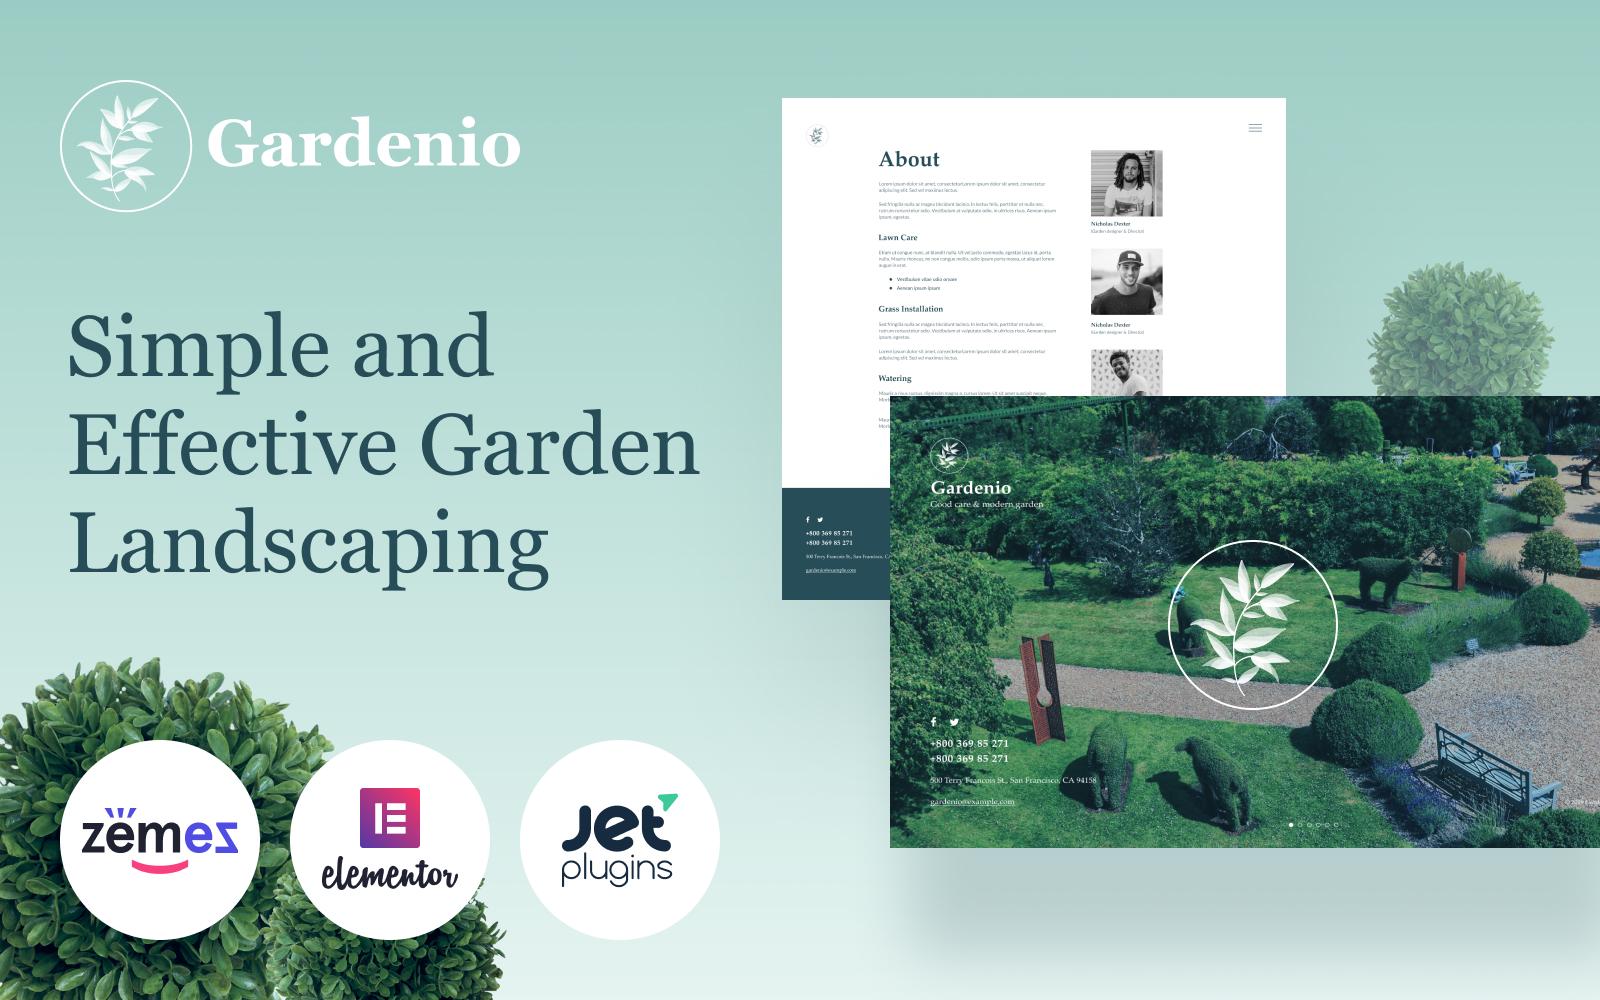 Reszponzív Gardenio - Simple and Effective Garden Landscaping Template for WordPress sablon 86363